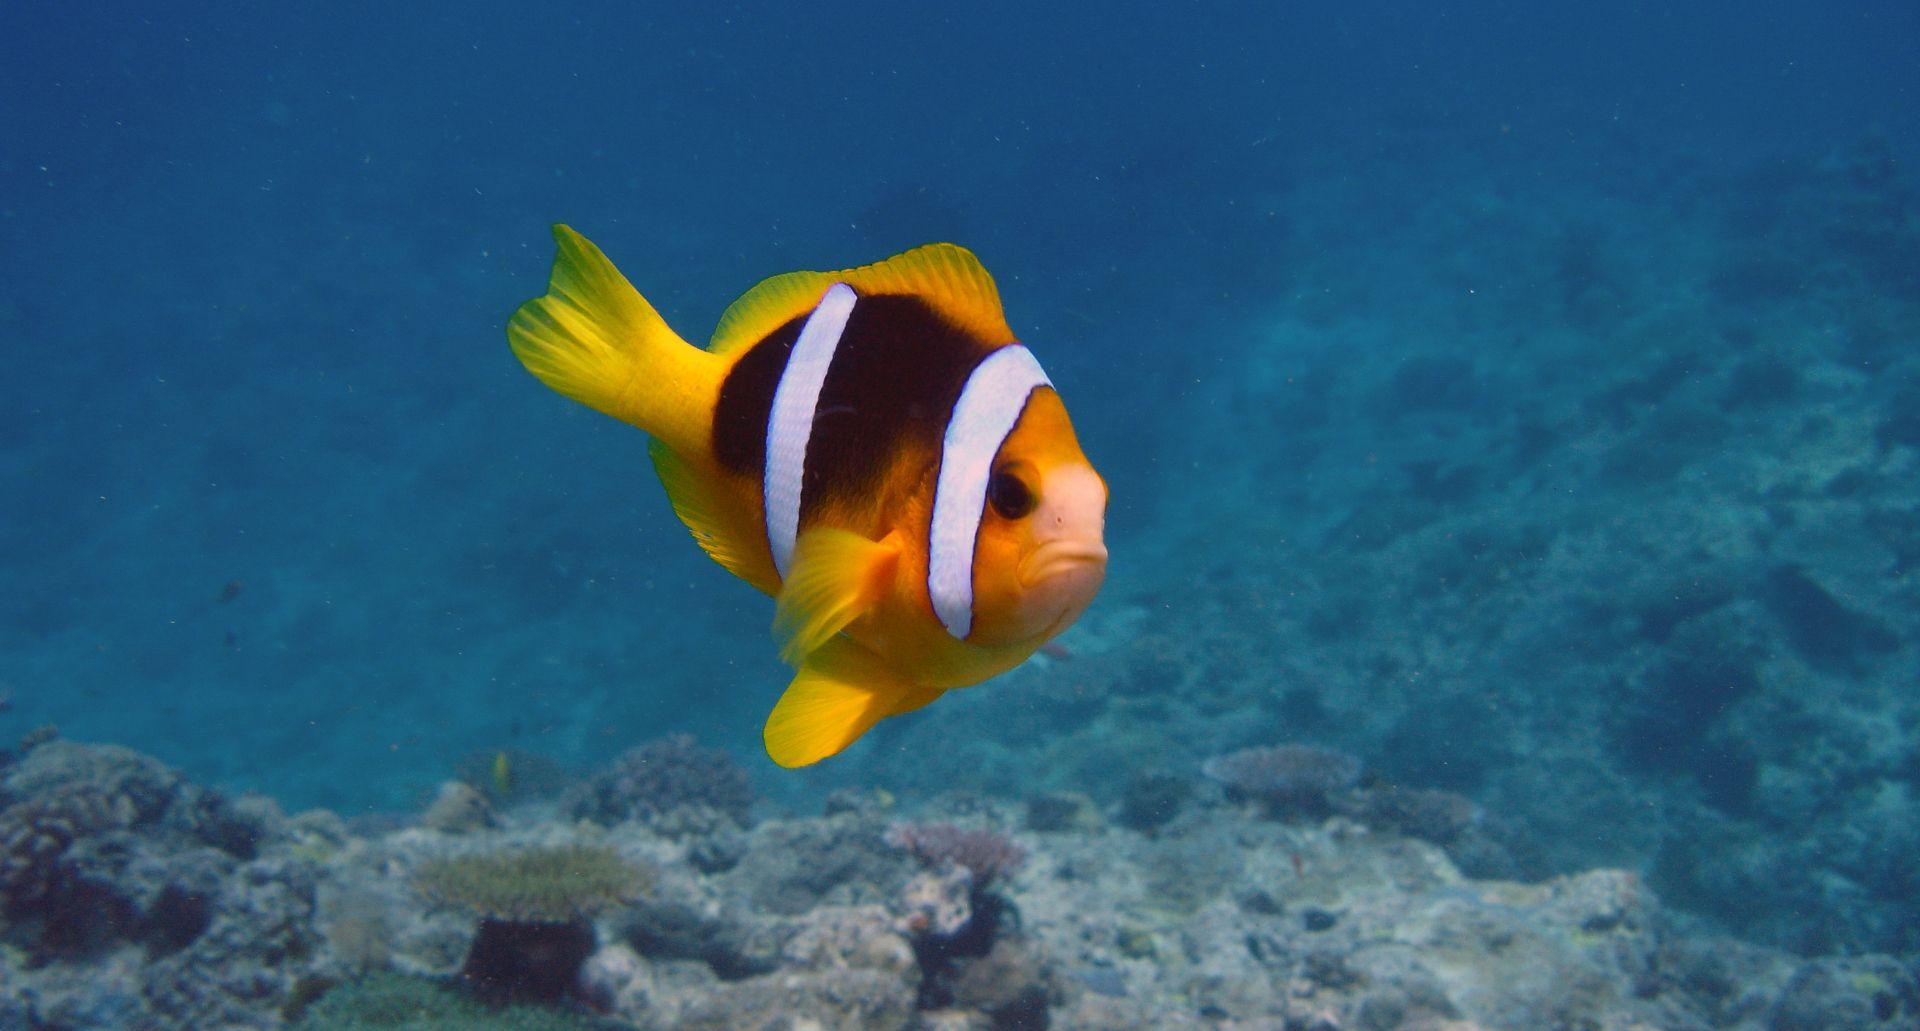 cf3c0dadeef2f1f756aa241e4555b44e Frais De Fabriquer Aquarium Concept